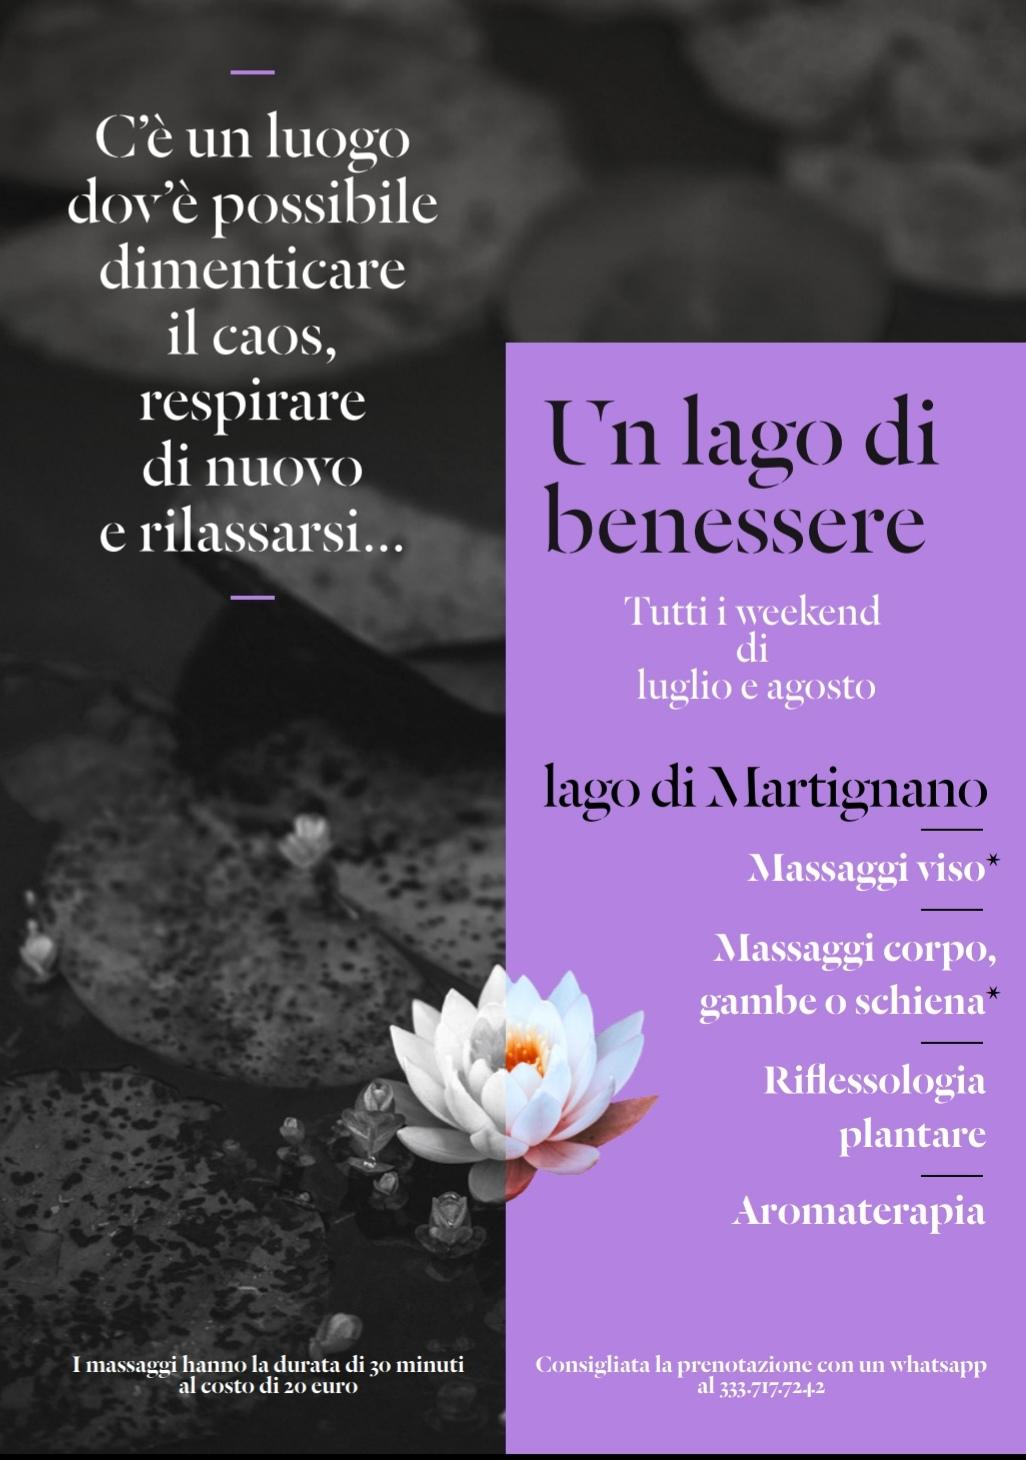 Massaggi Lago di Martignano